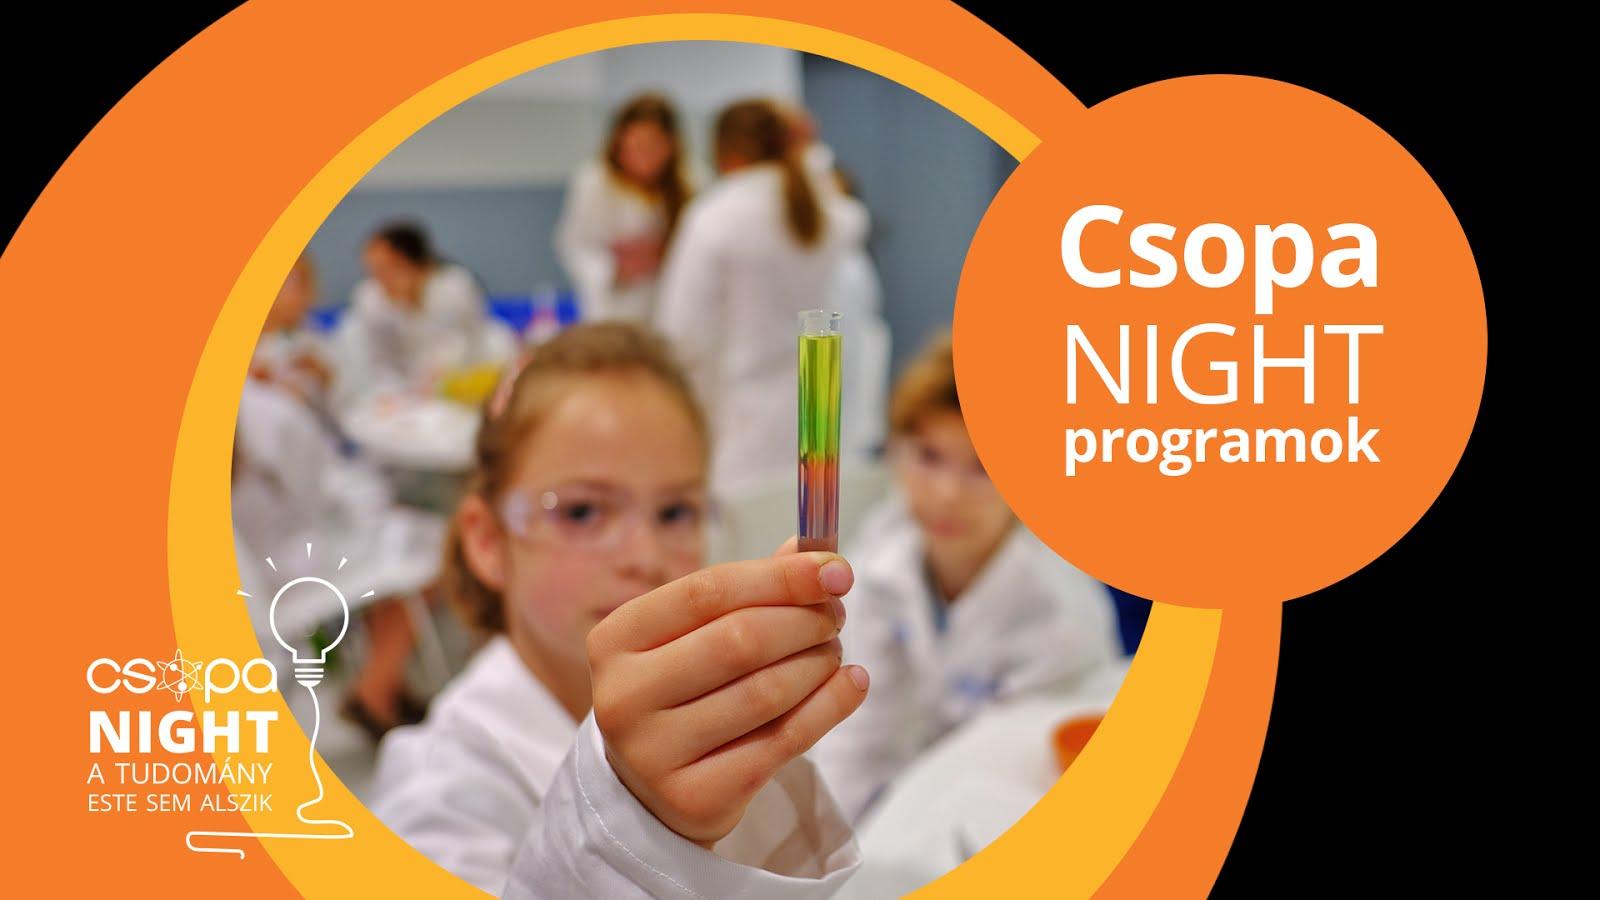 Csopa Night online közvetítések